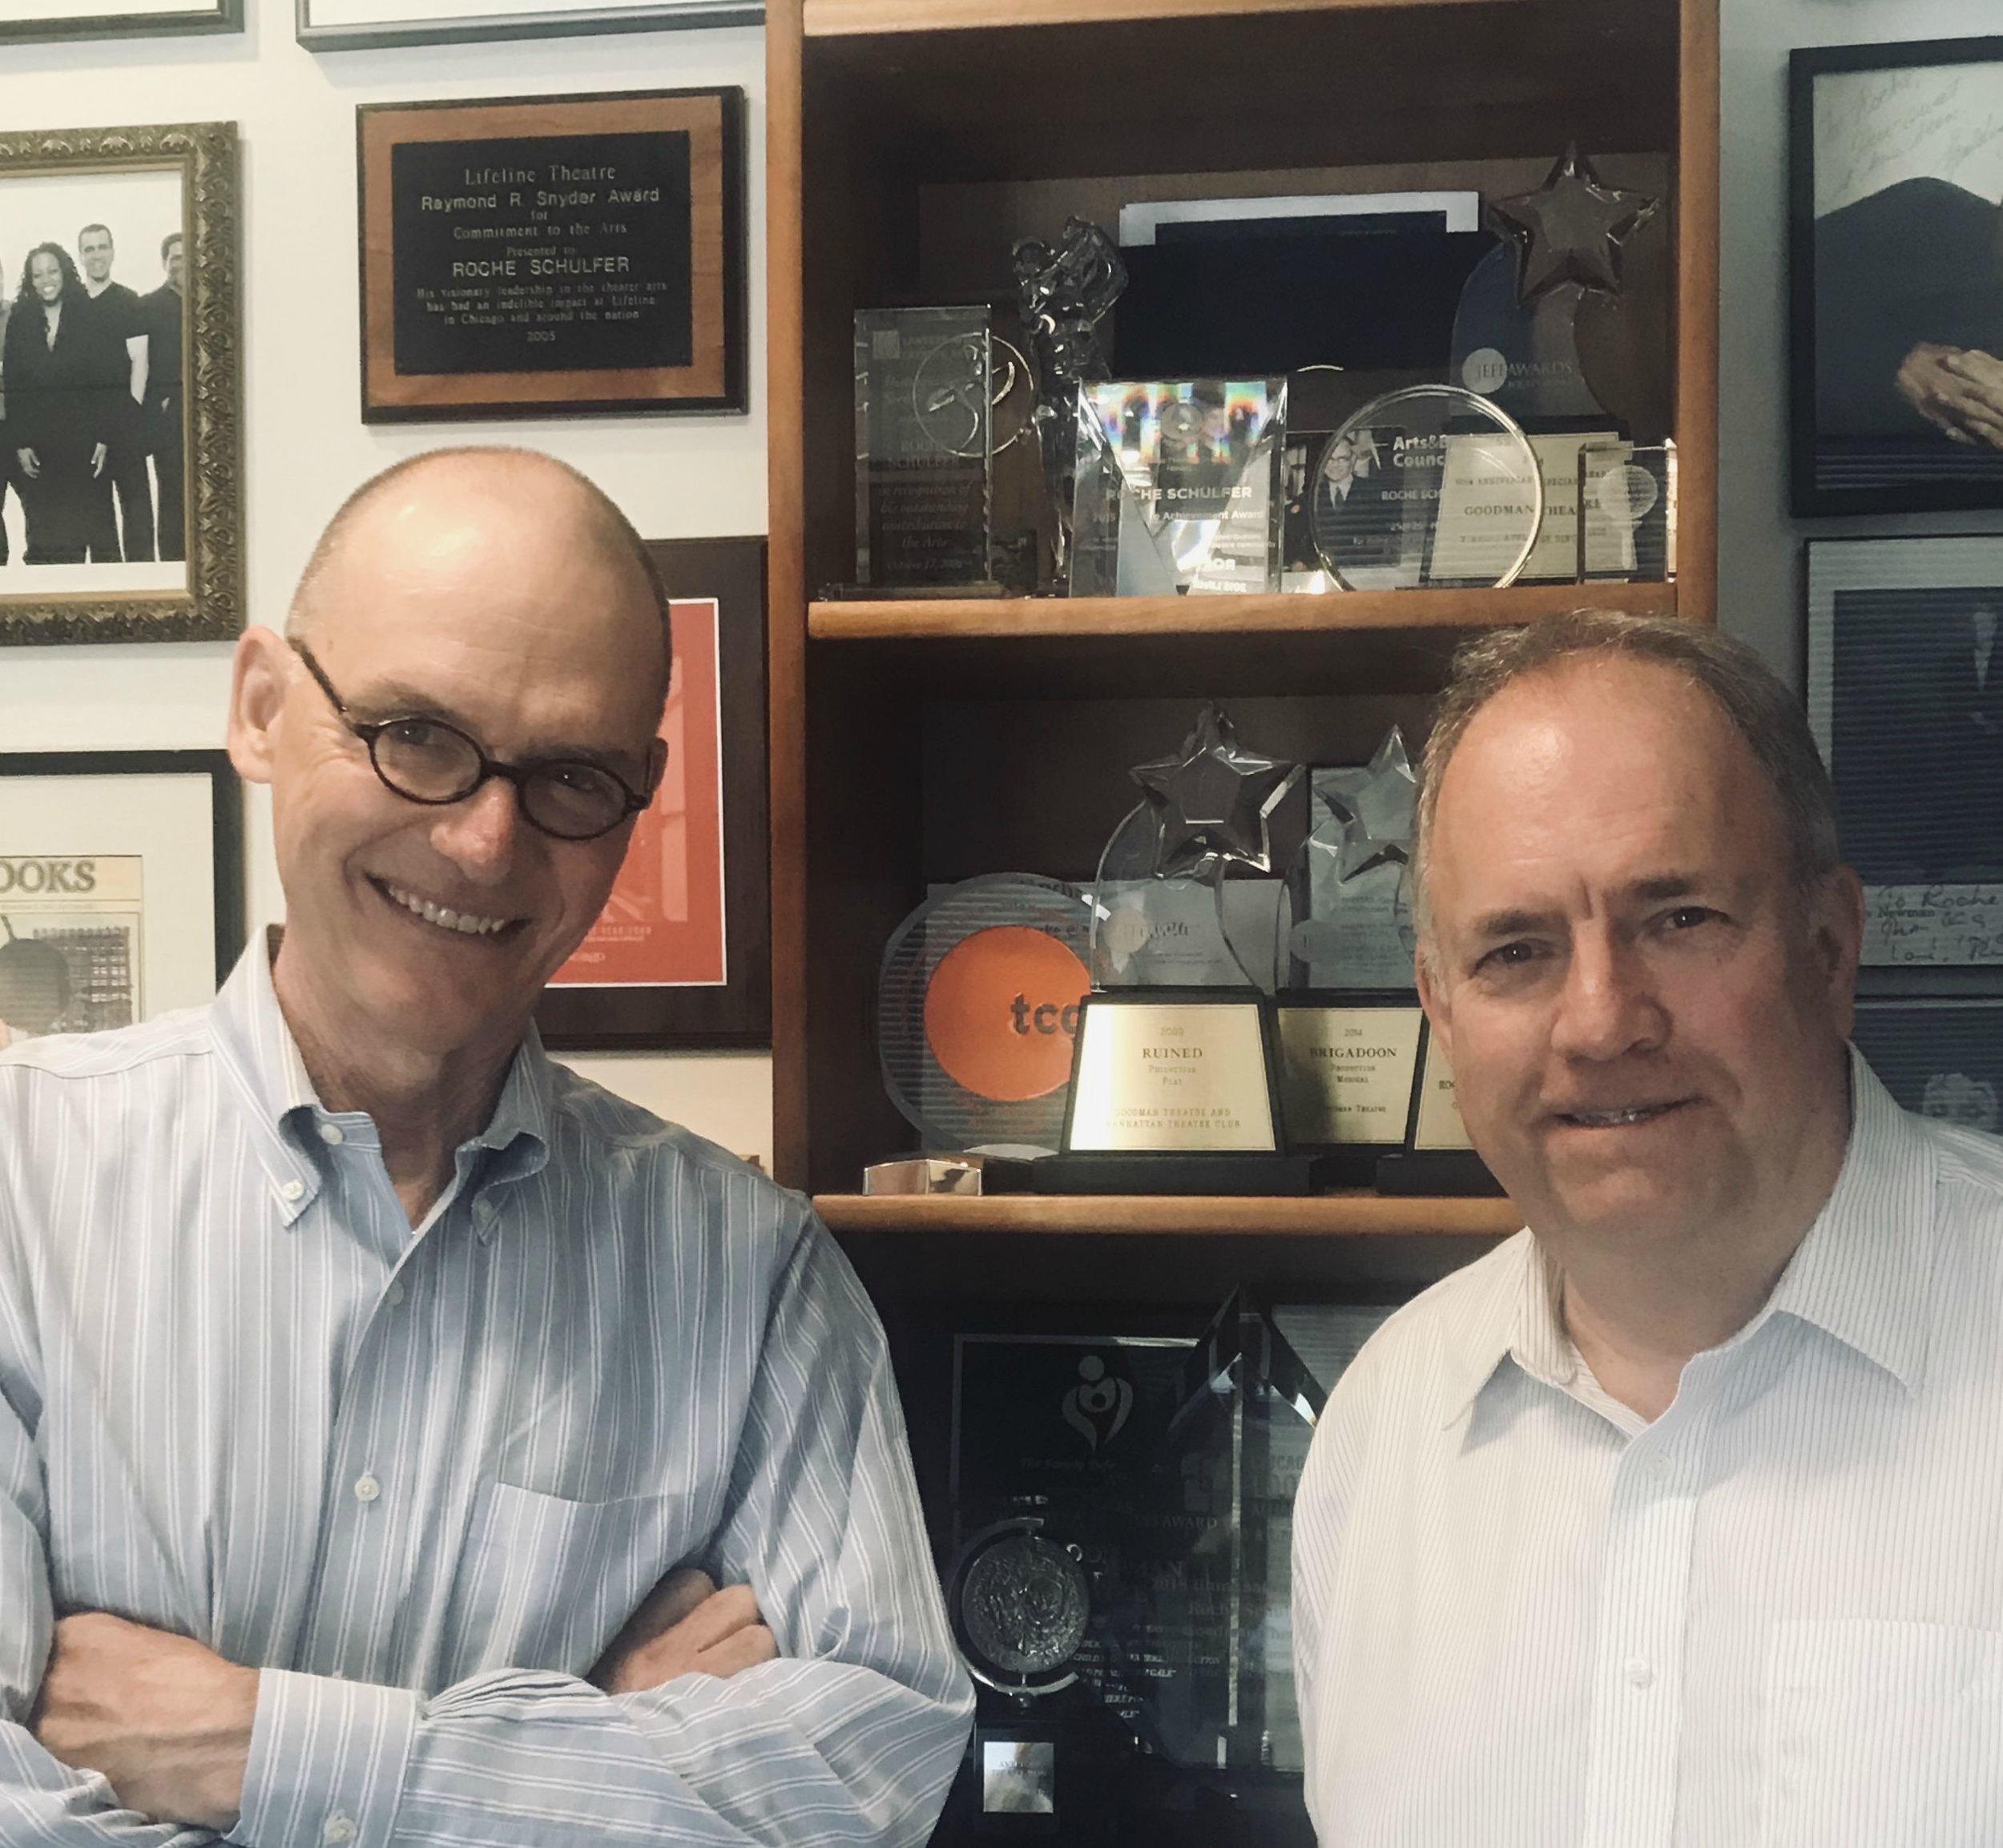 Roche Schulfer and Ed Tracy.jpg